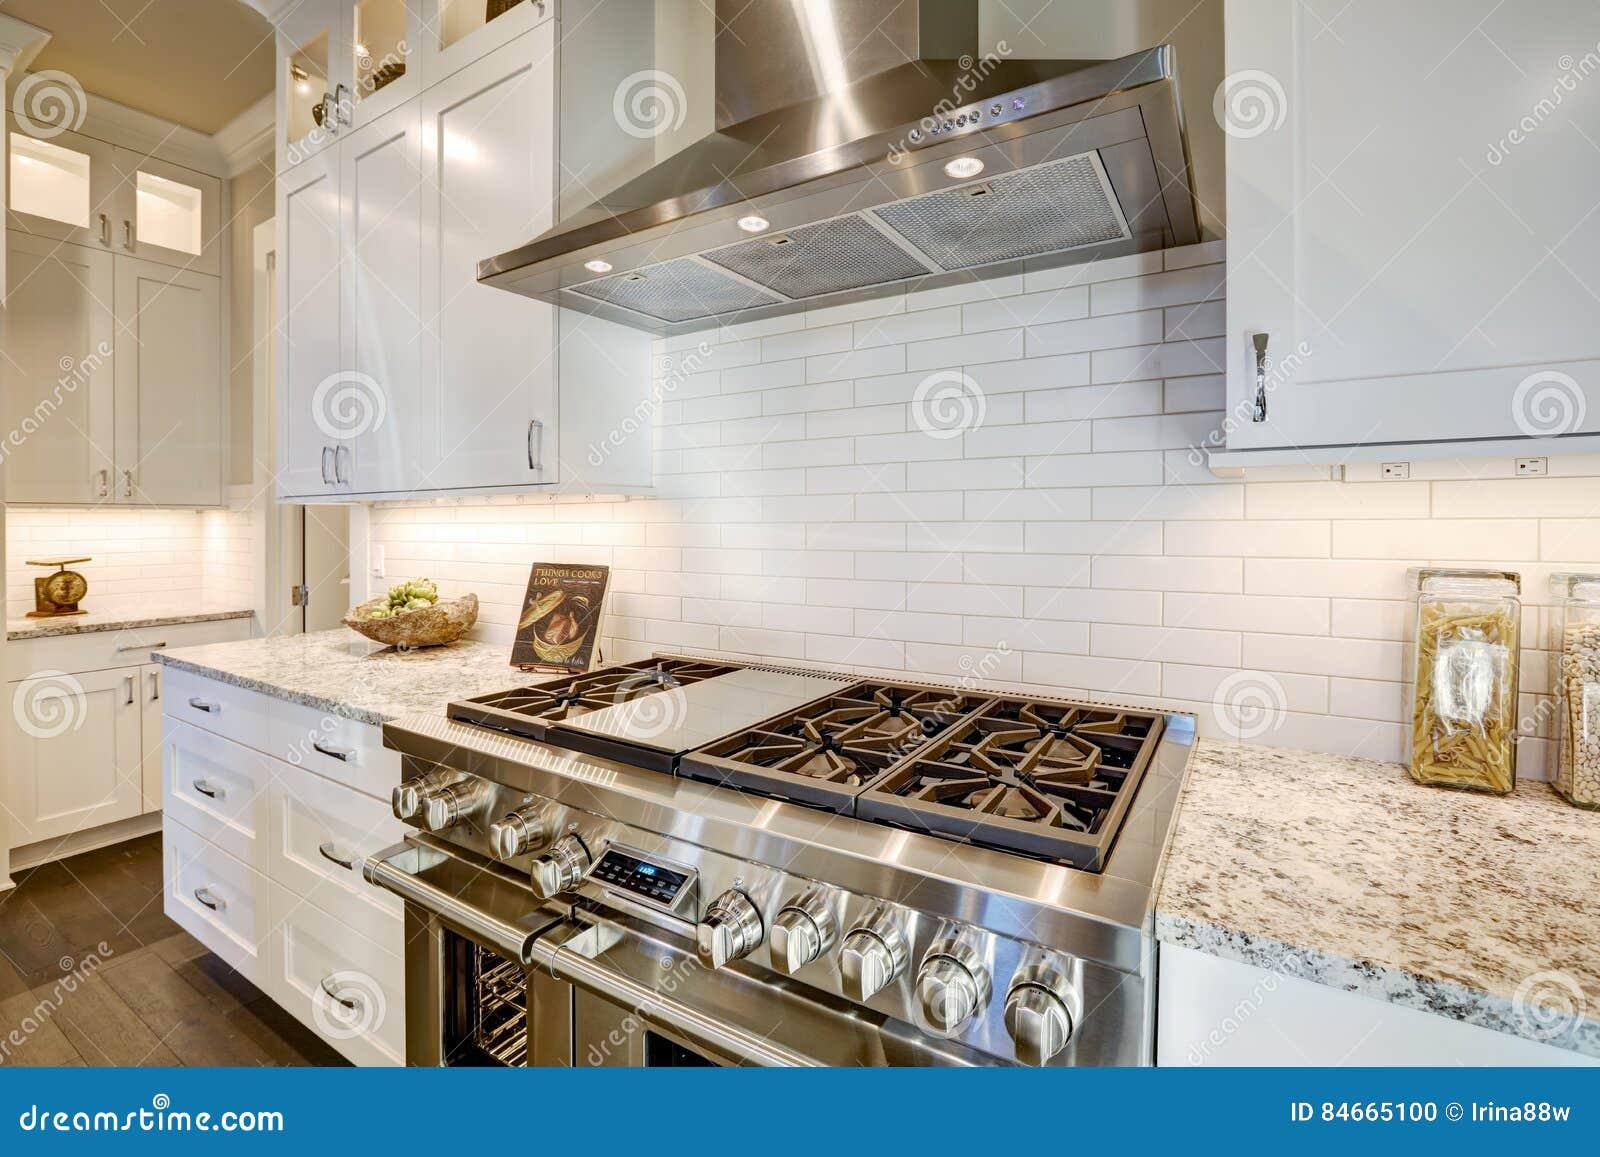 Härligt kök presenterar en vrå som fylls med stålugnen